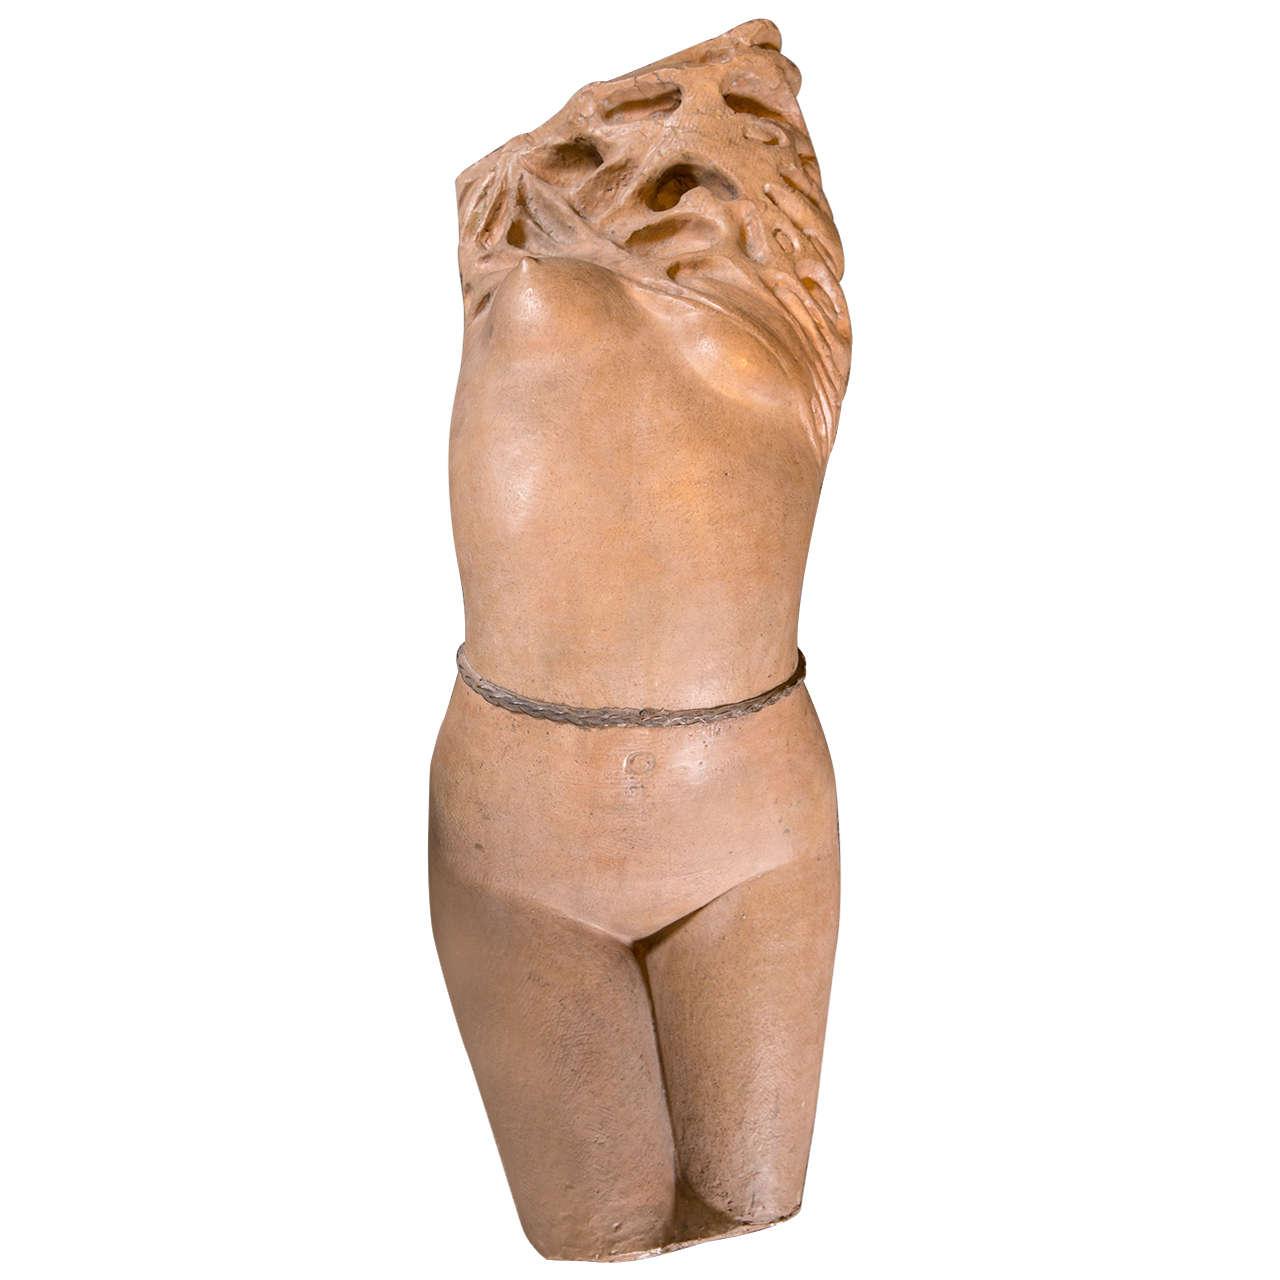 1950s Nude Sculpture by Dante Ruffini For Sale